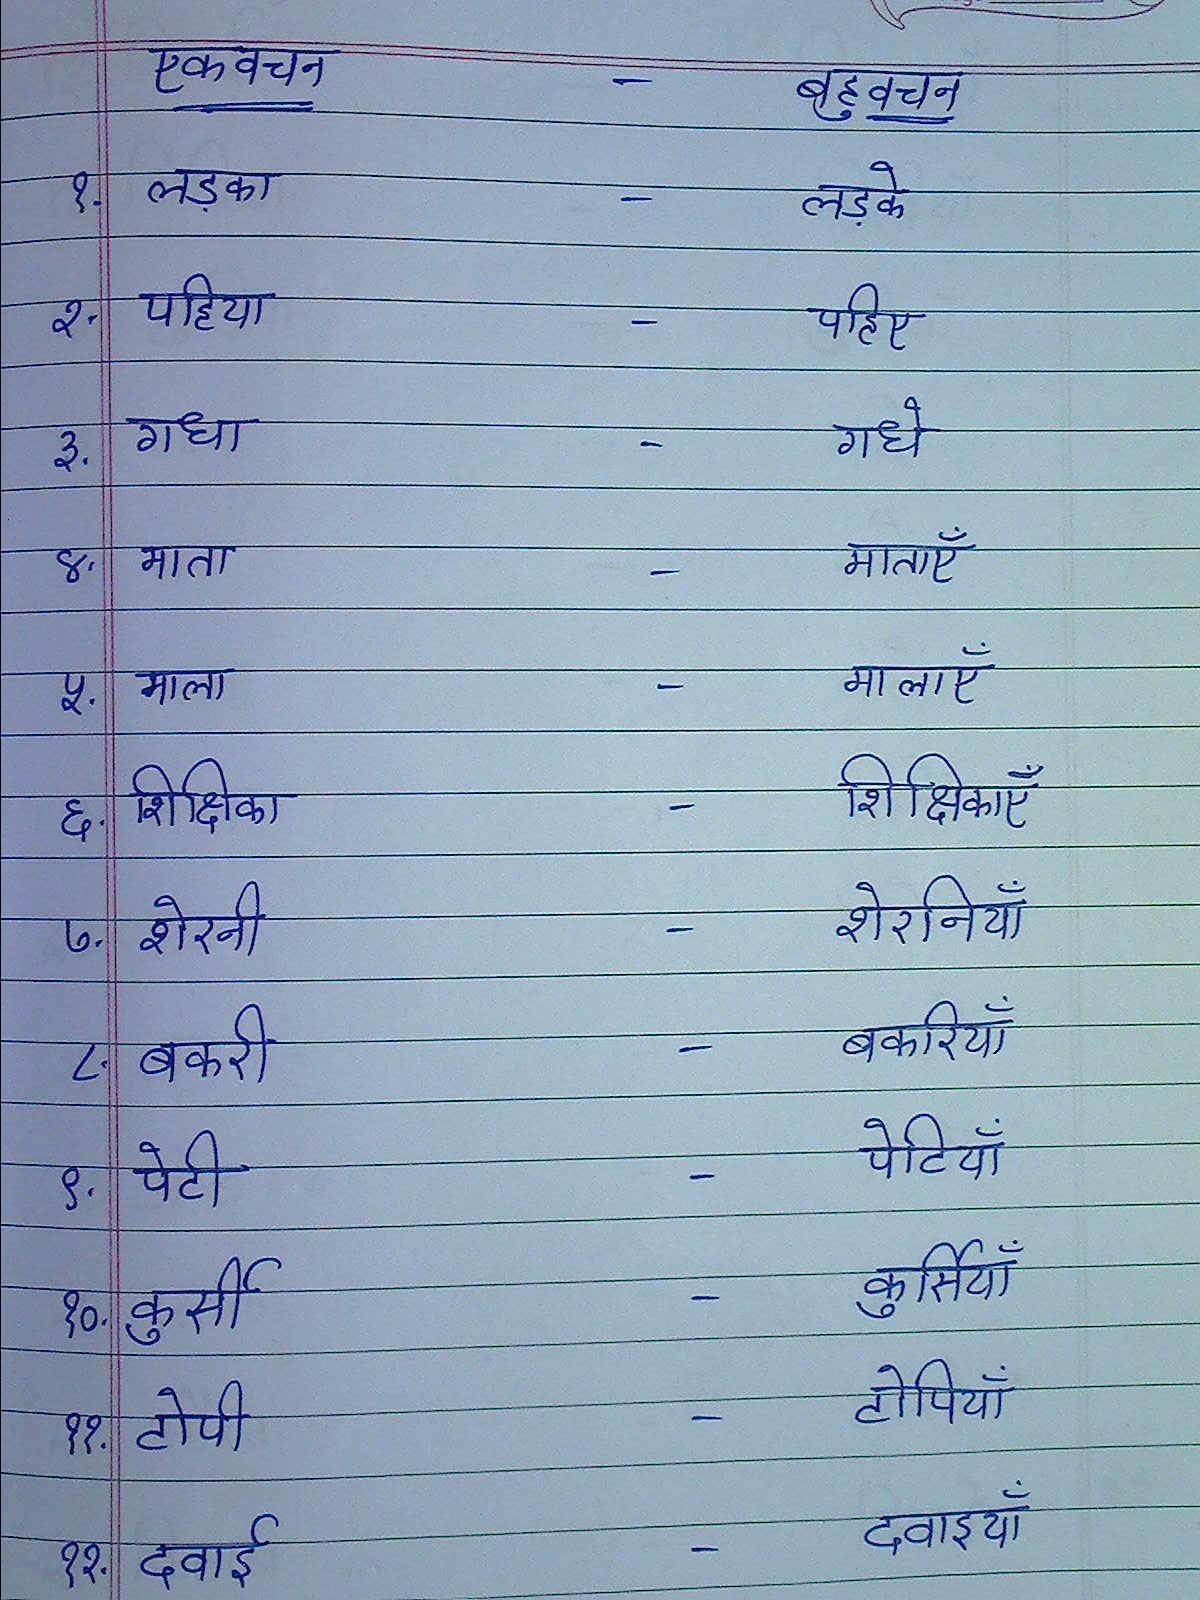 Cbse Board Hindi Book - Rajasthan Board f [ 1600 x 1200 Pixel ]